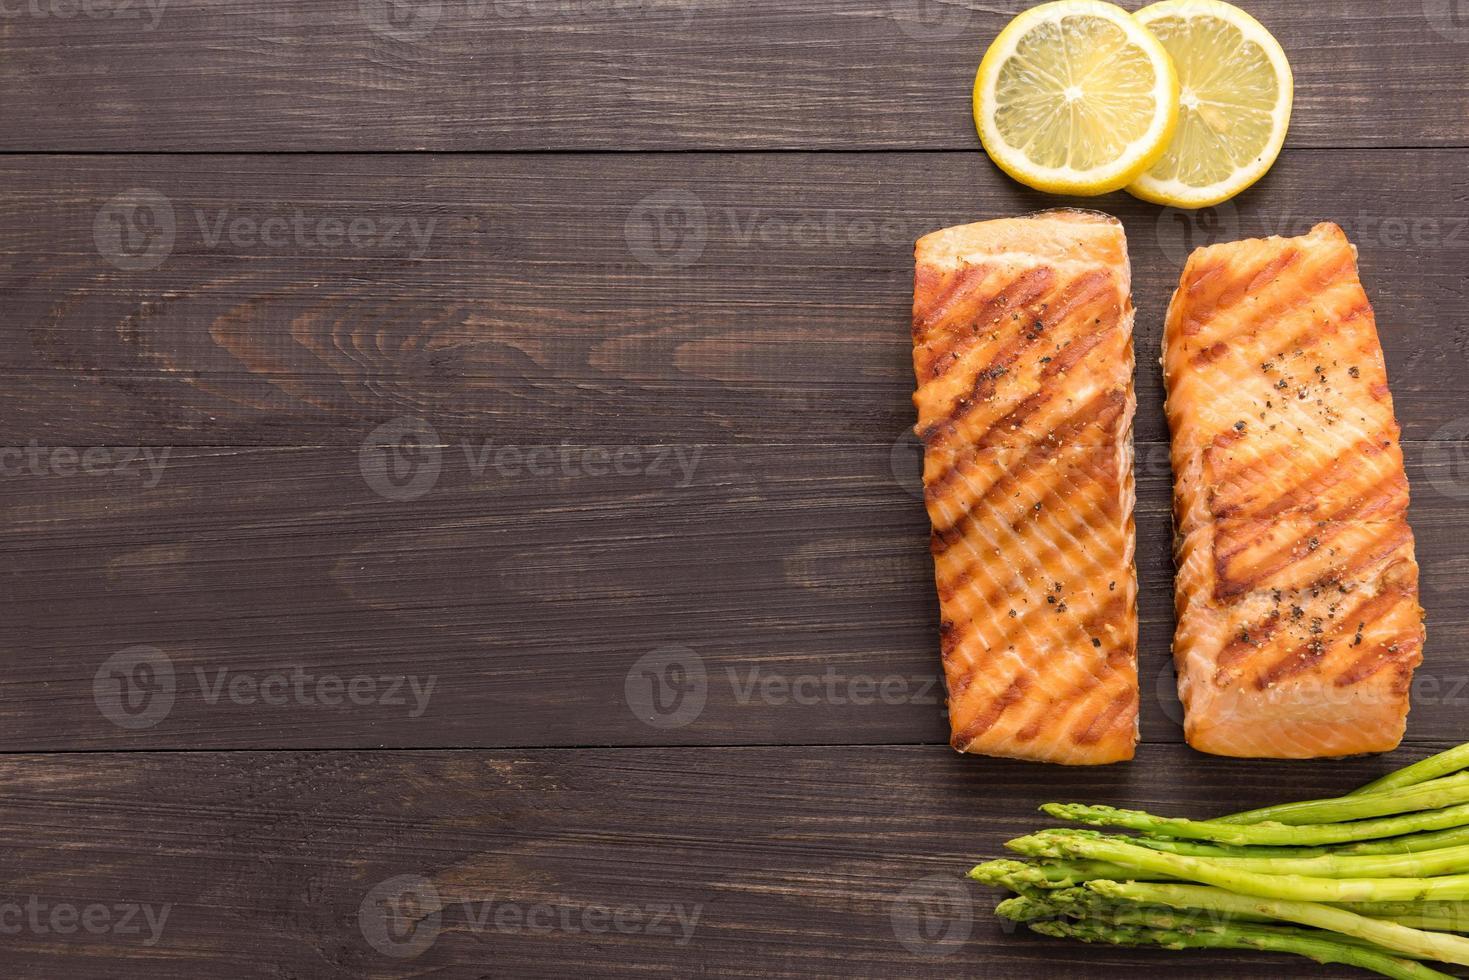 salmone alla griglia con limone, asparagi su fondo in legno foto